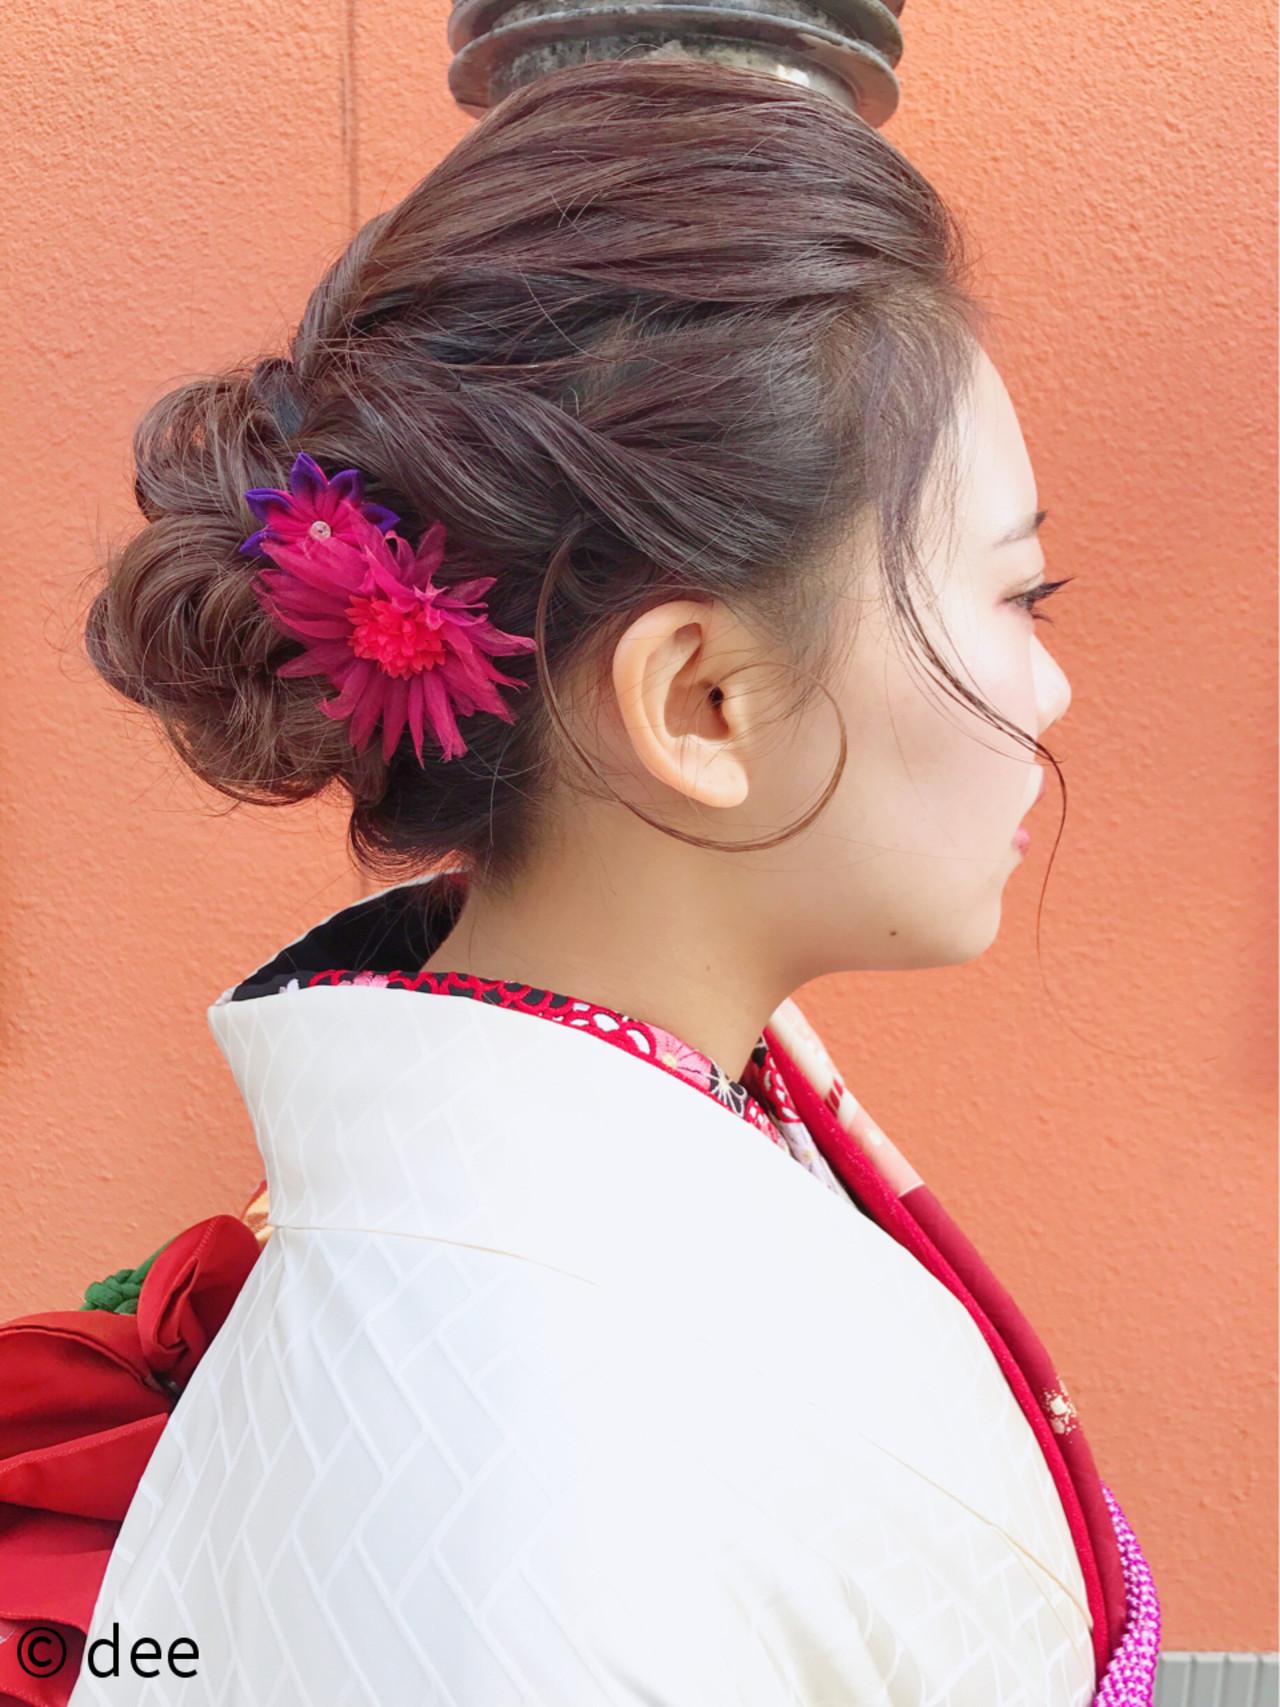 後れ毛がポイントになるセミロングのキュートな袴アレンジ deedee